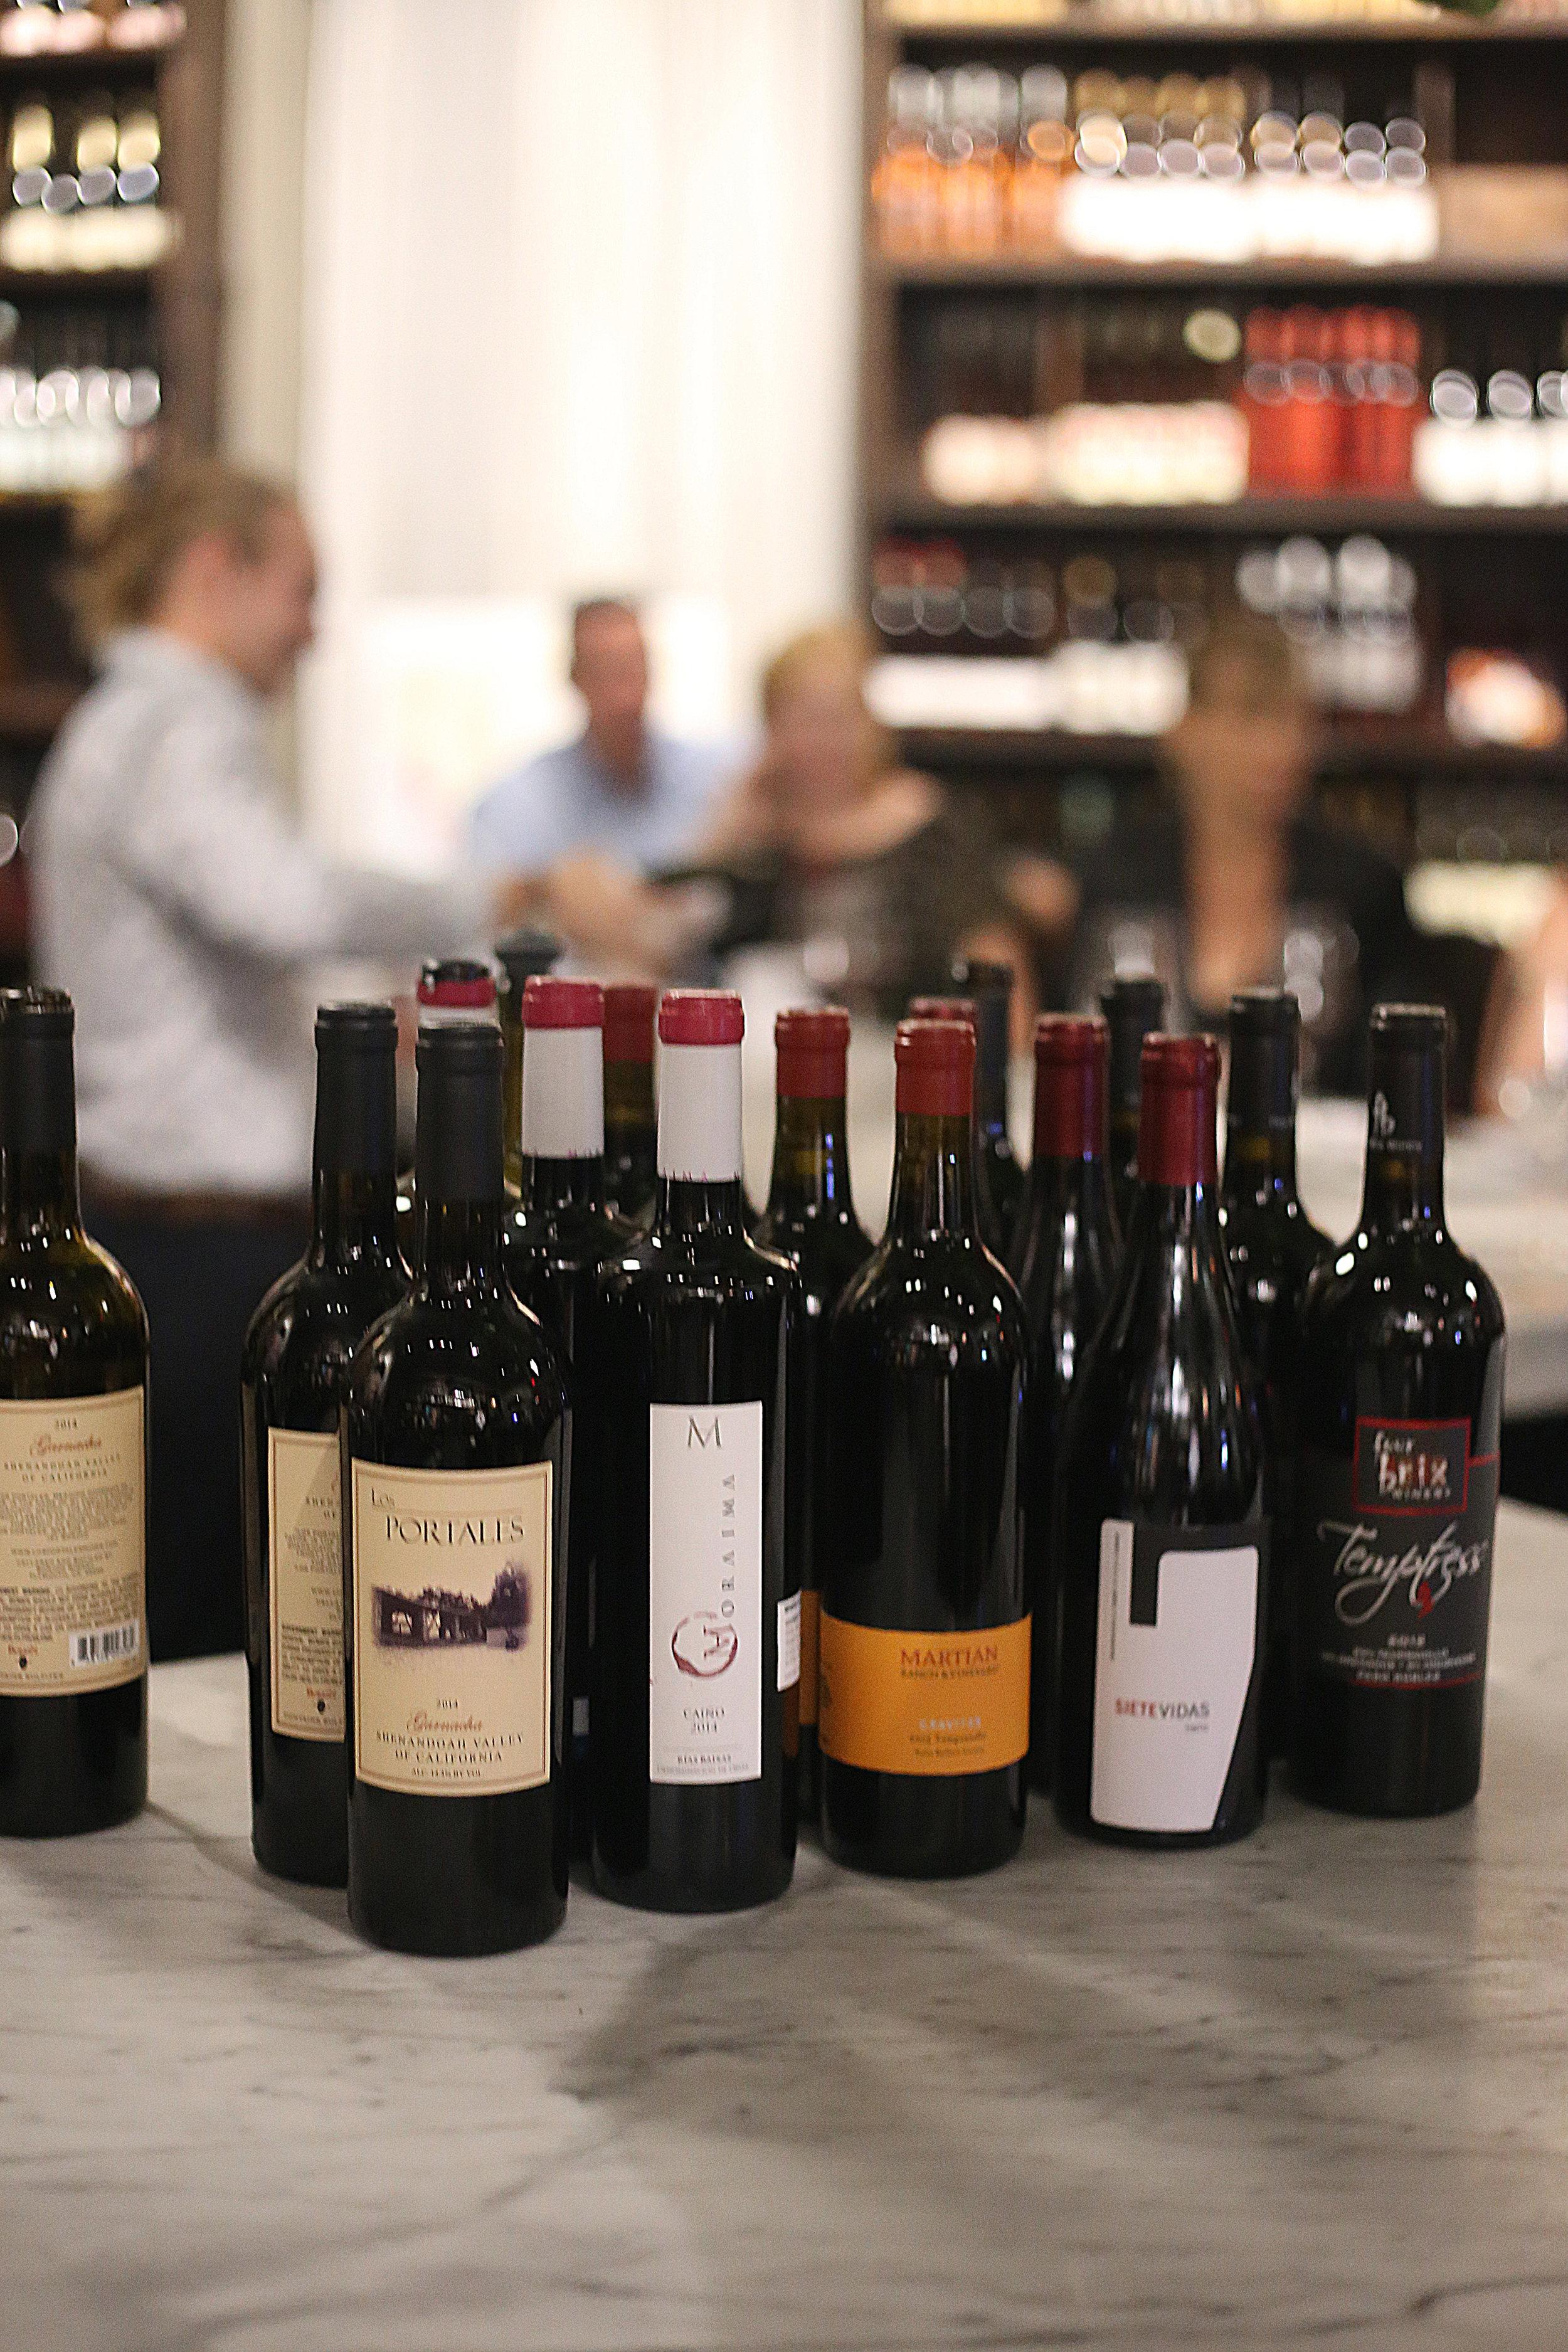 Wines for Pasion de Espana.JPG